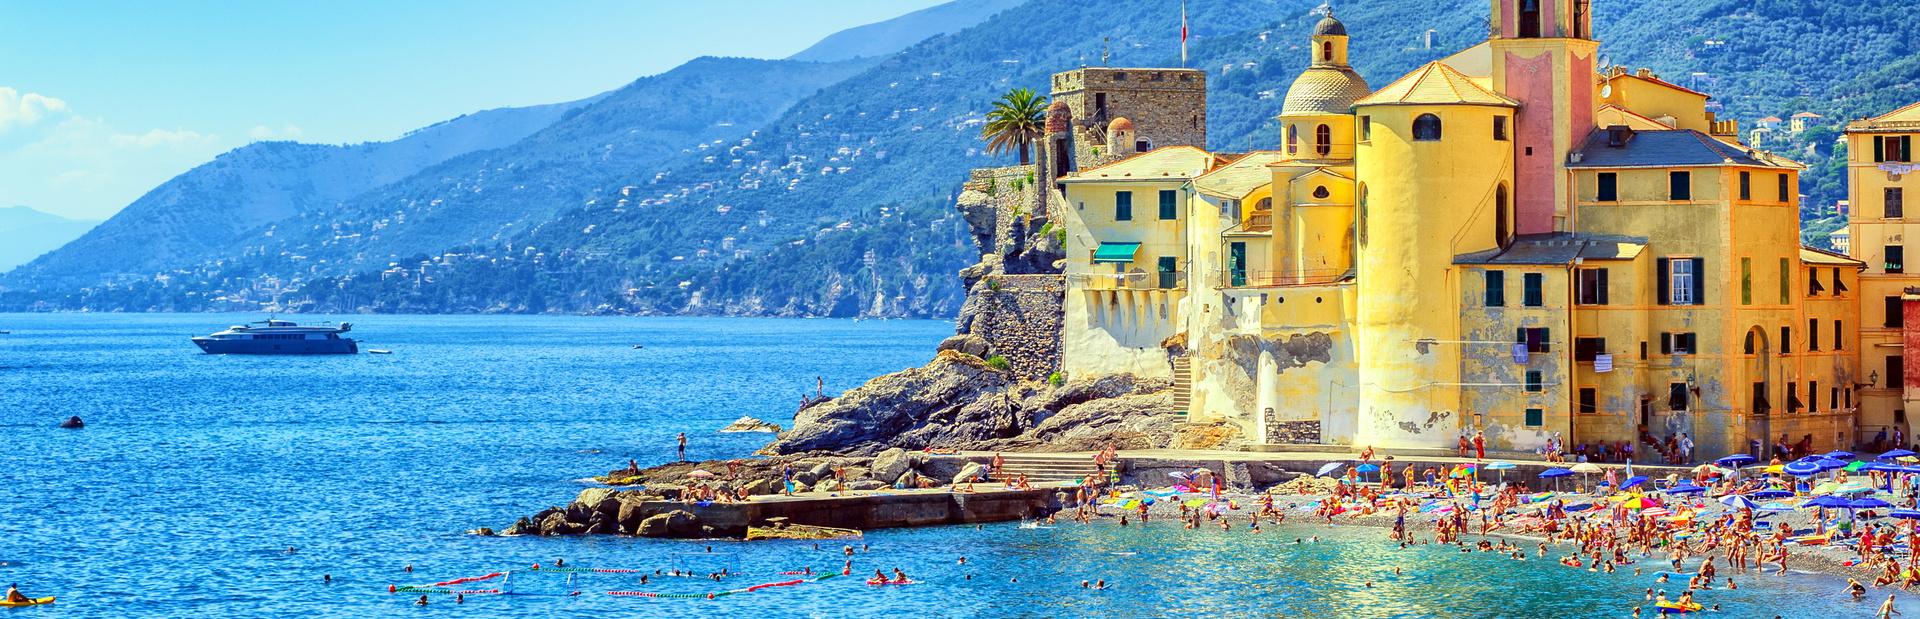 Mediterranean news photo